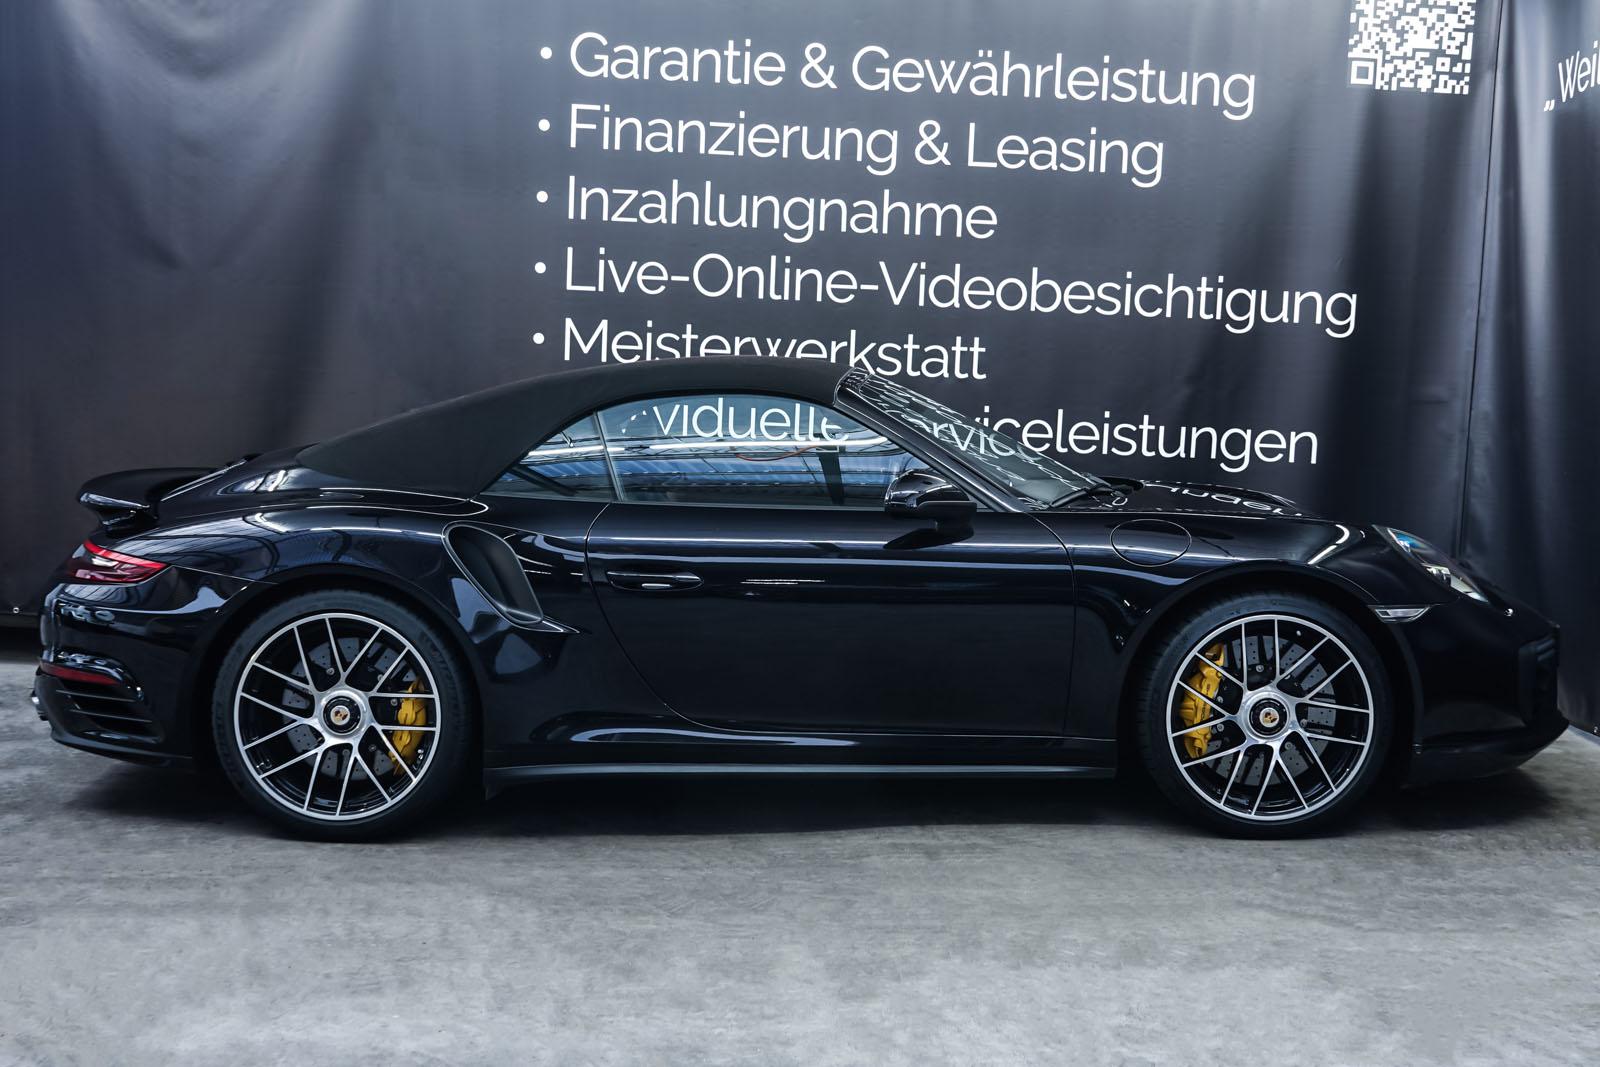 Porsche_991_TurboS_Cabrio_Schwarz_Braun_POR-9733_23_w